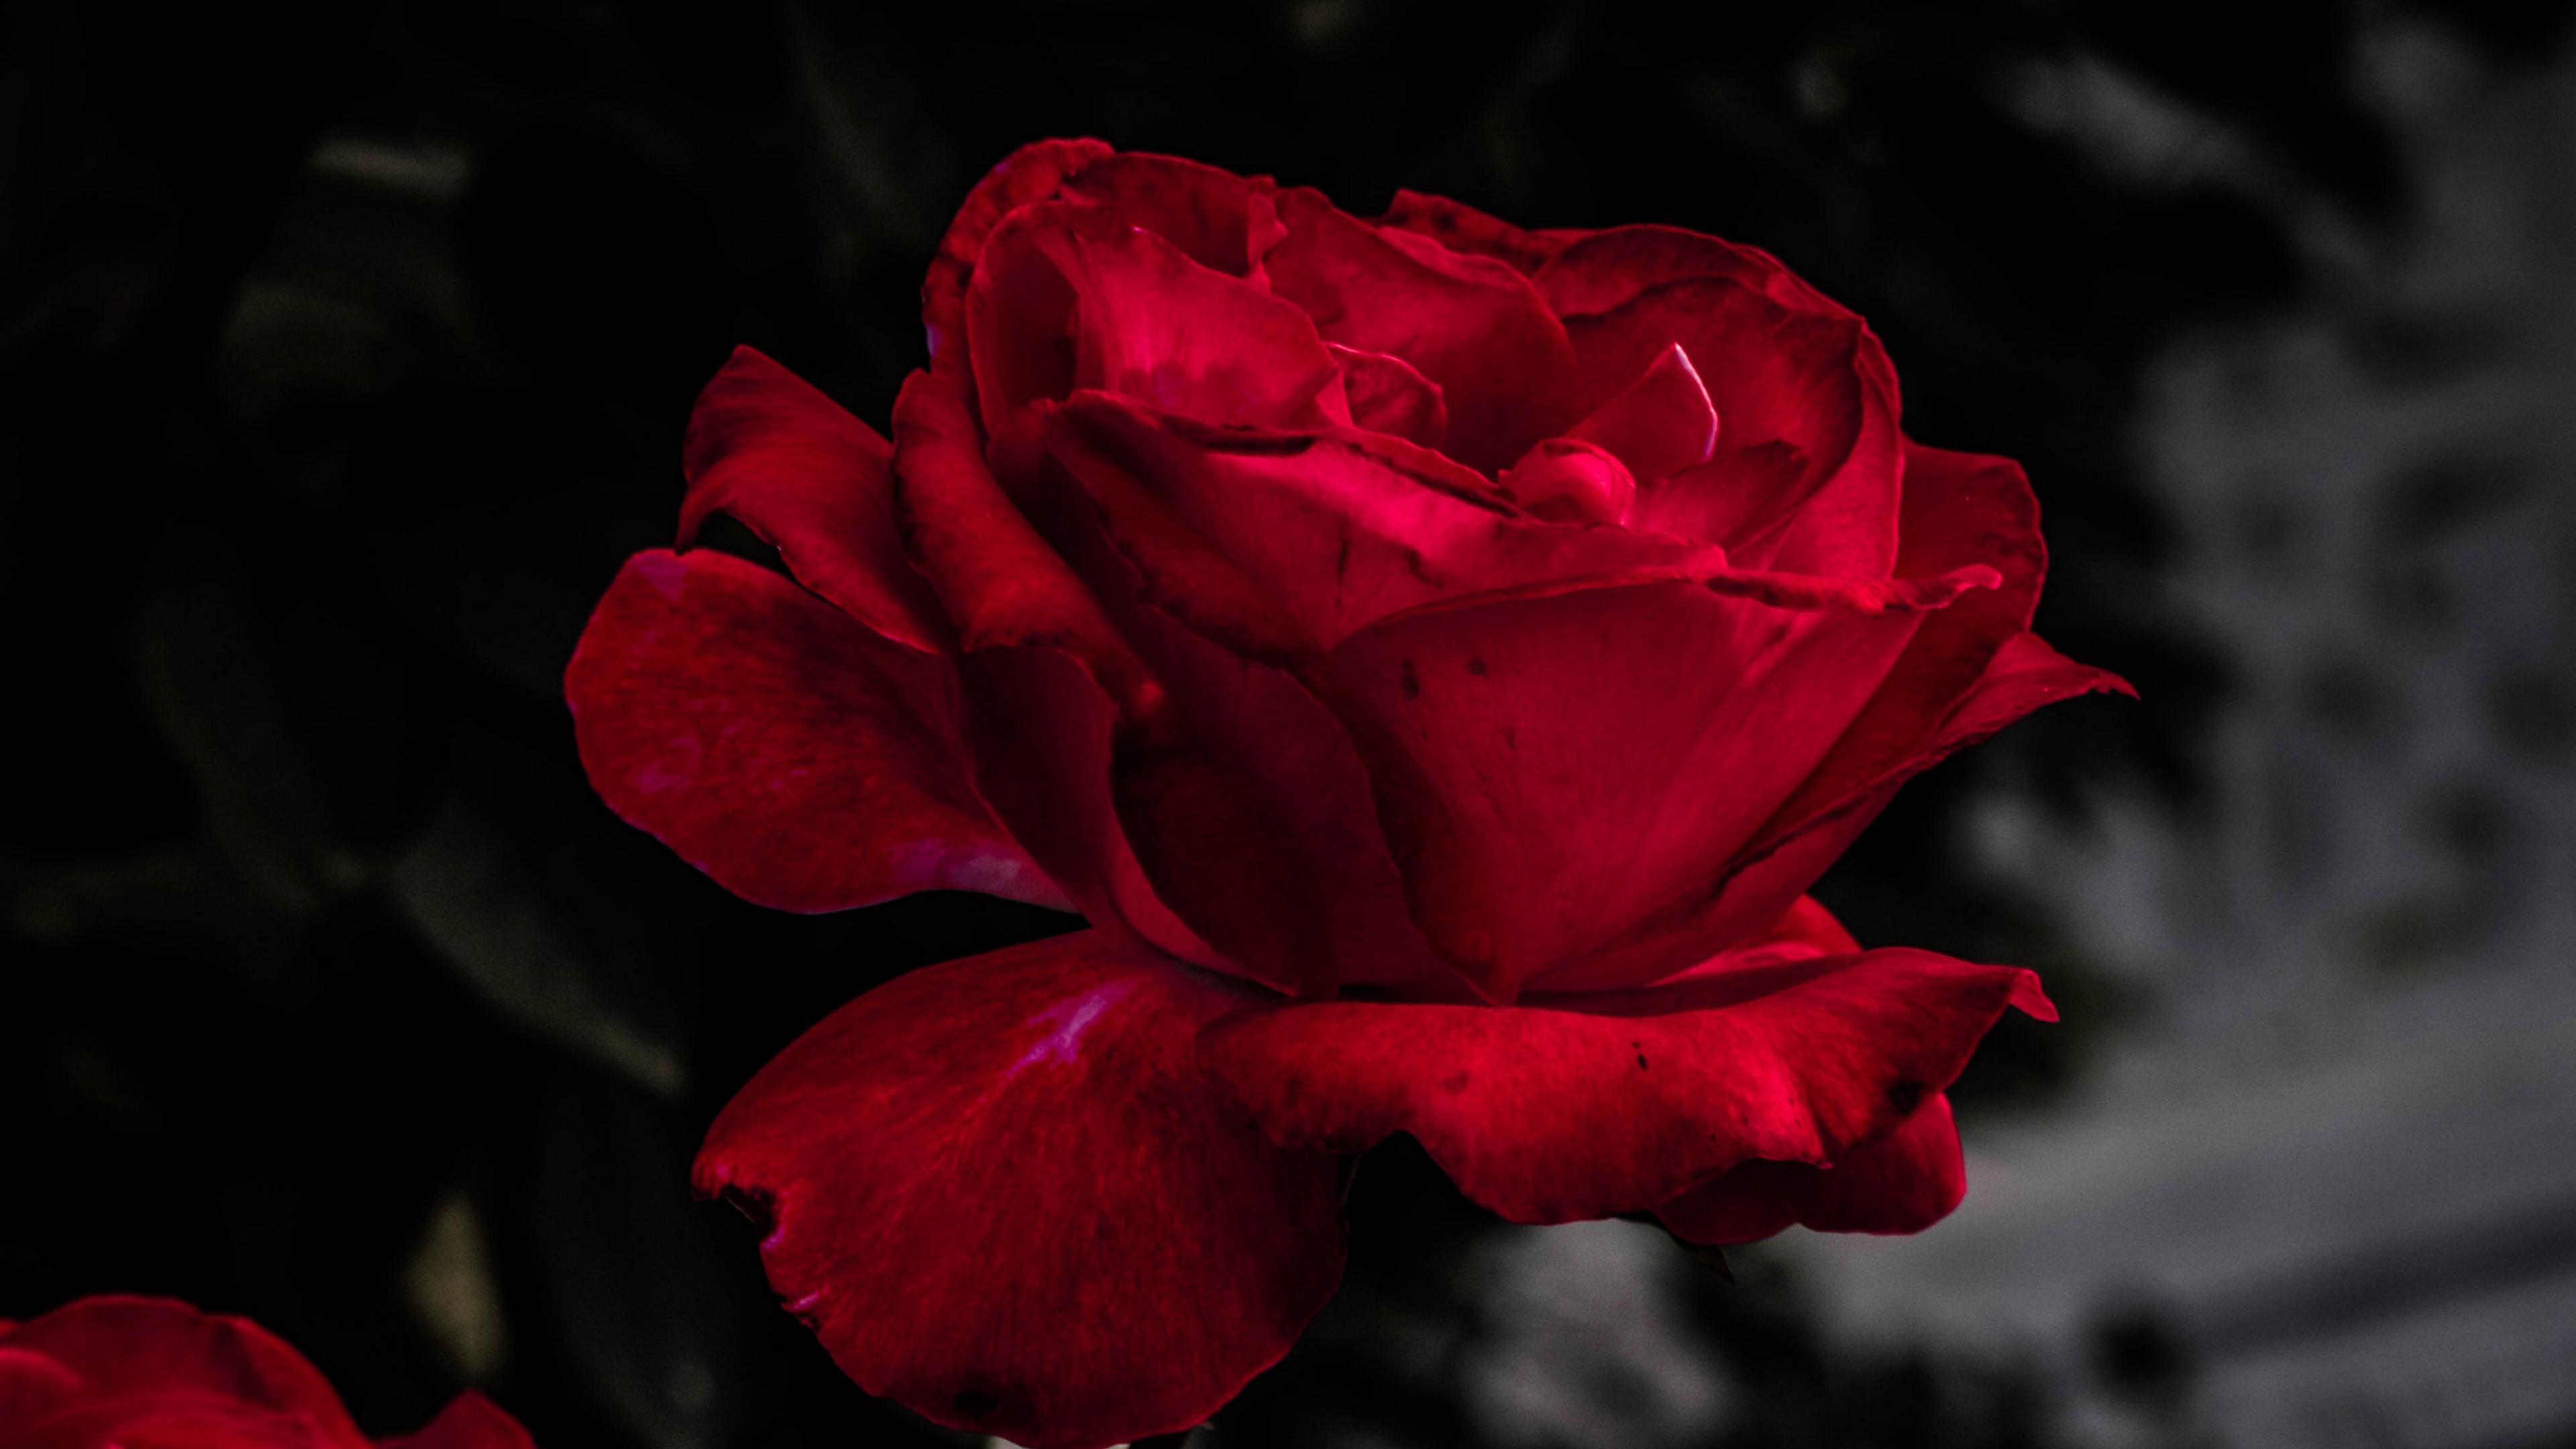 rose red bud bloom garden 4k 1540064906 - rose, red, bud, bloom, garden 4k - Rose, red, bud